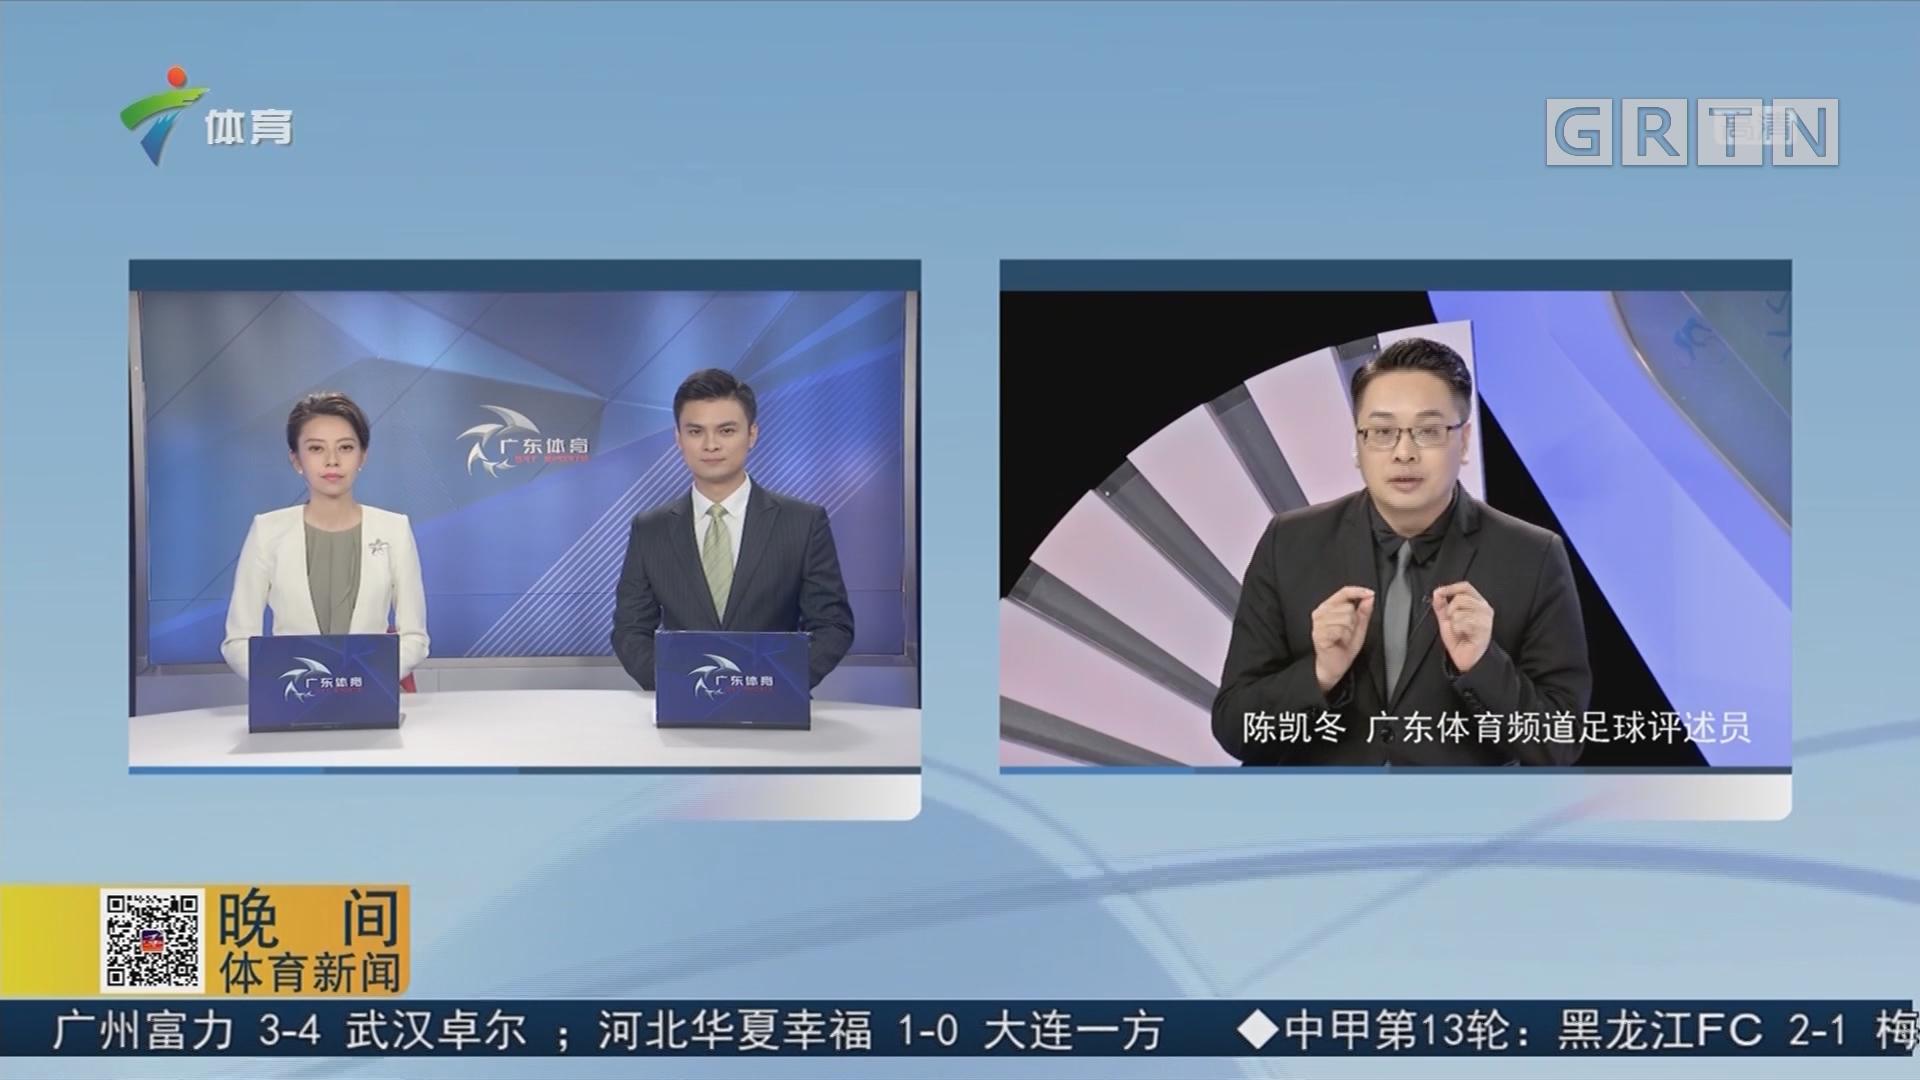 陈凯冬——广东体育频道足球评述员